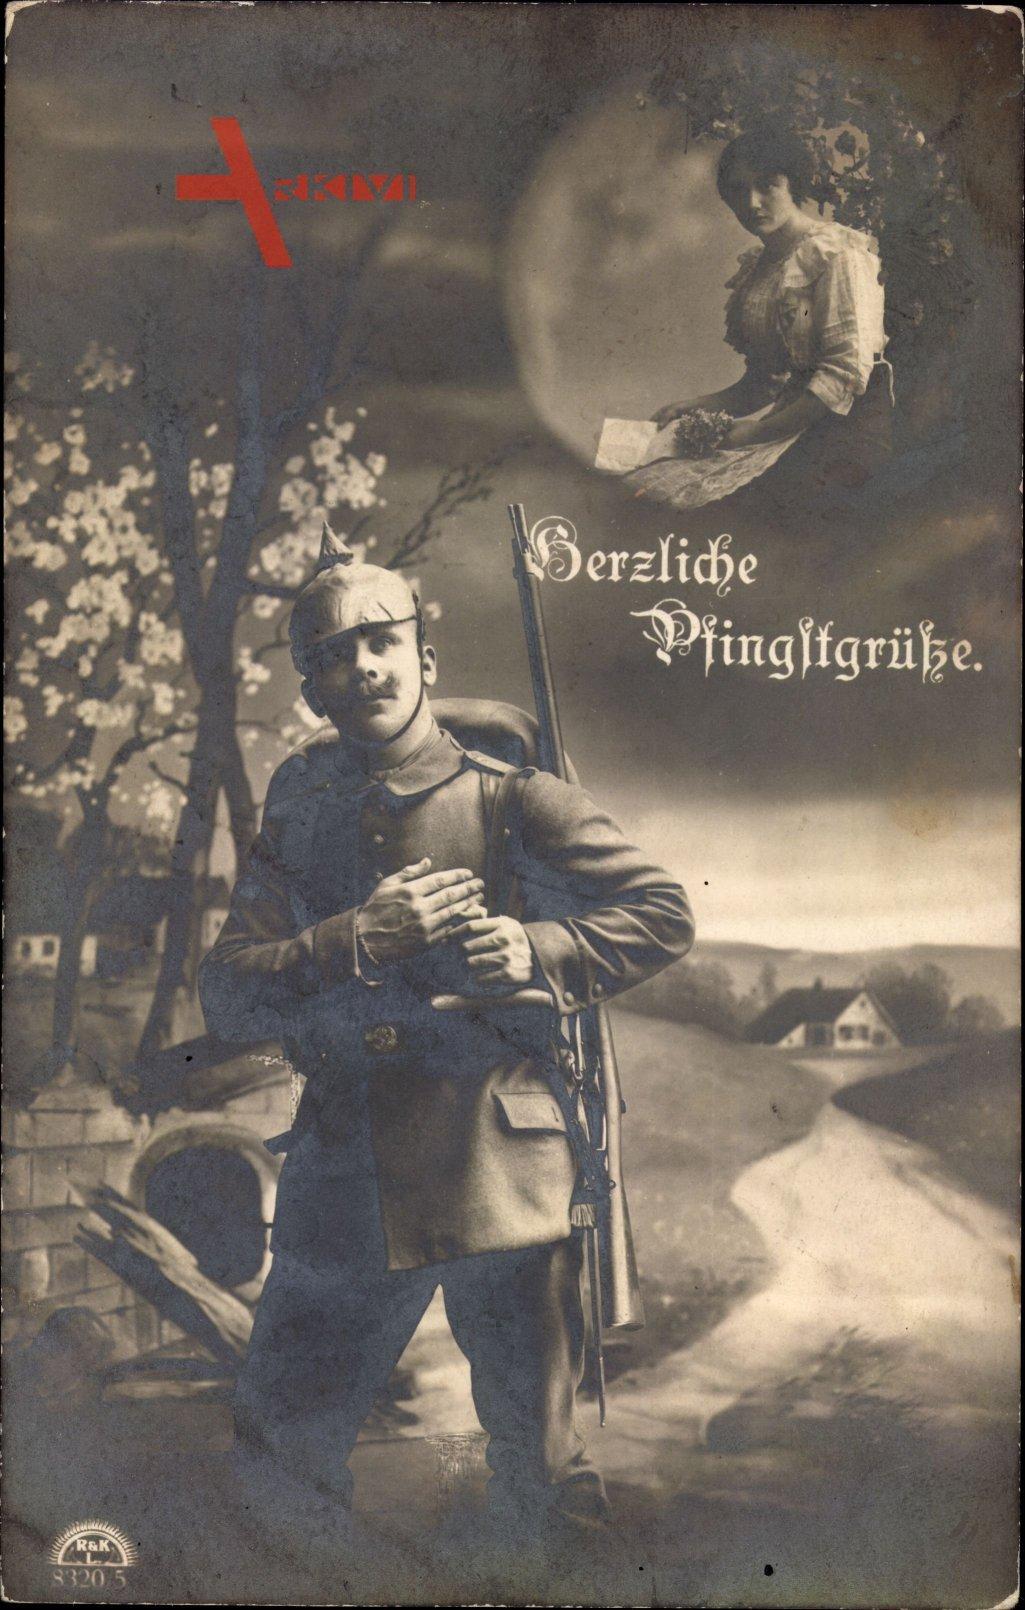 Glückwunsch Pfingsten, Soldat denkt an seine Geliebte, RKL 8320 5